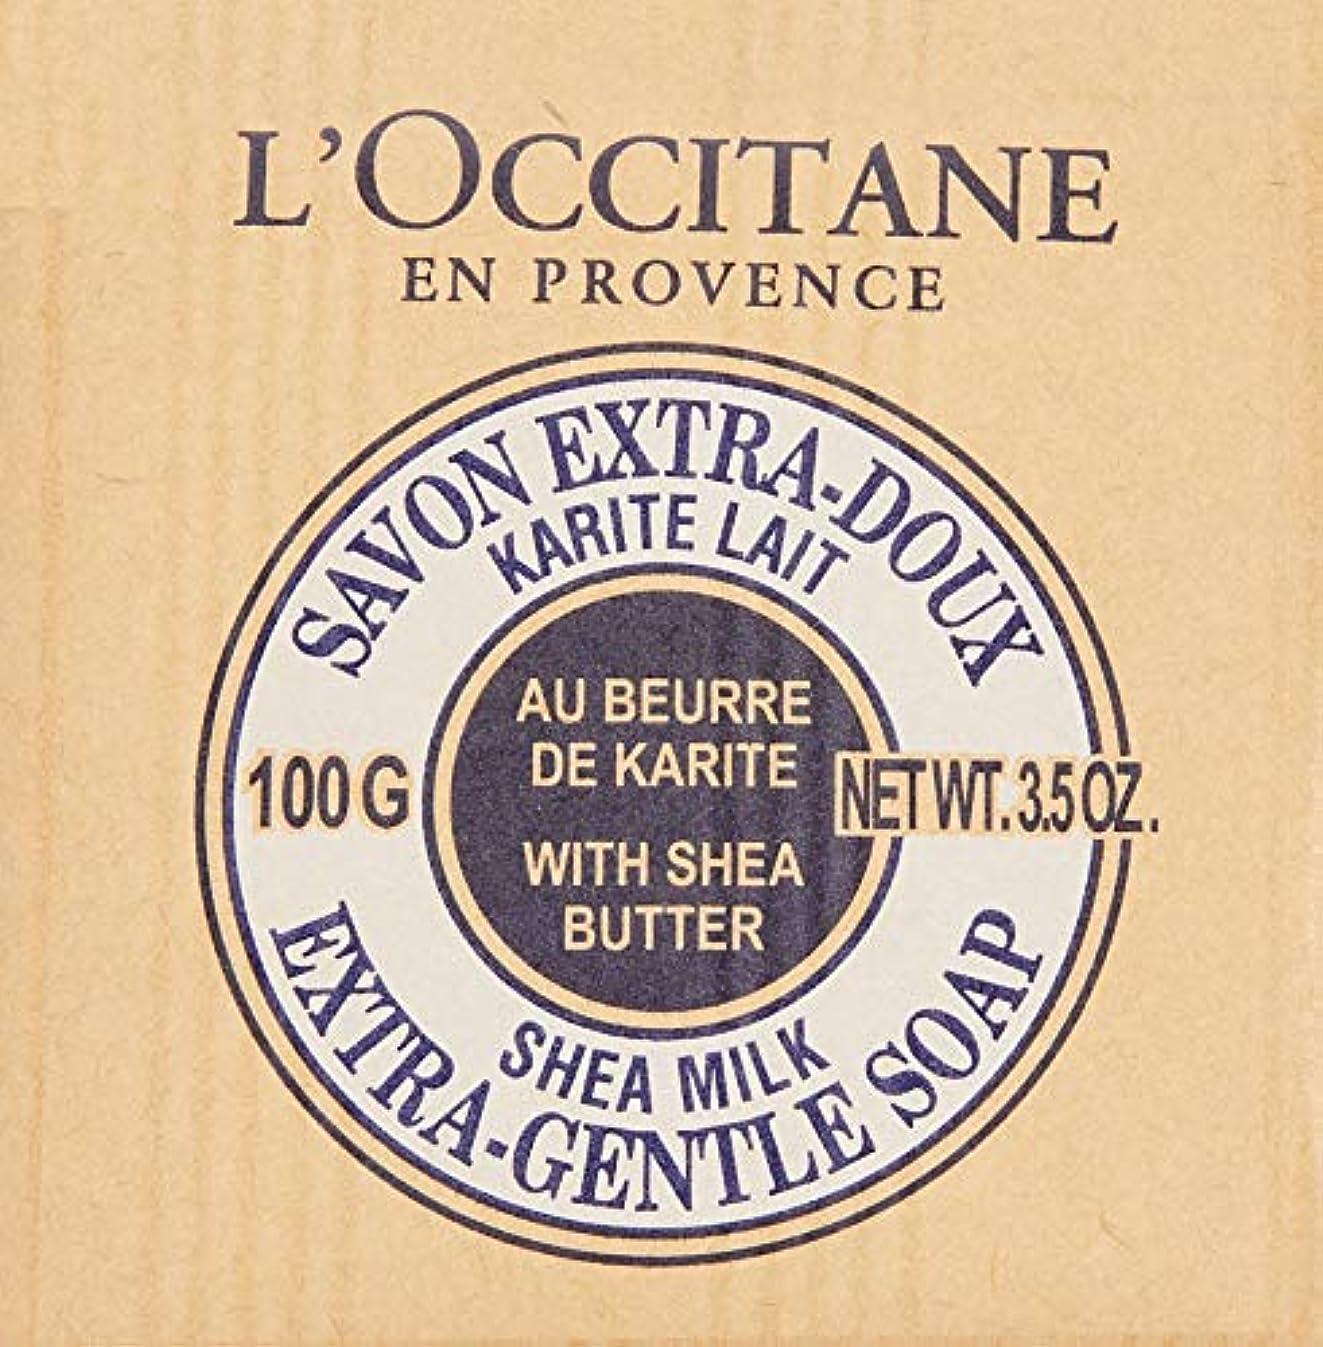 私たち自身解体するバイソンロクシタン(L'OCCITANE) シアソープ ミルク 100g